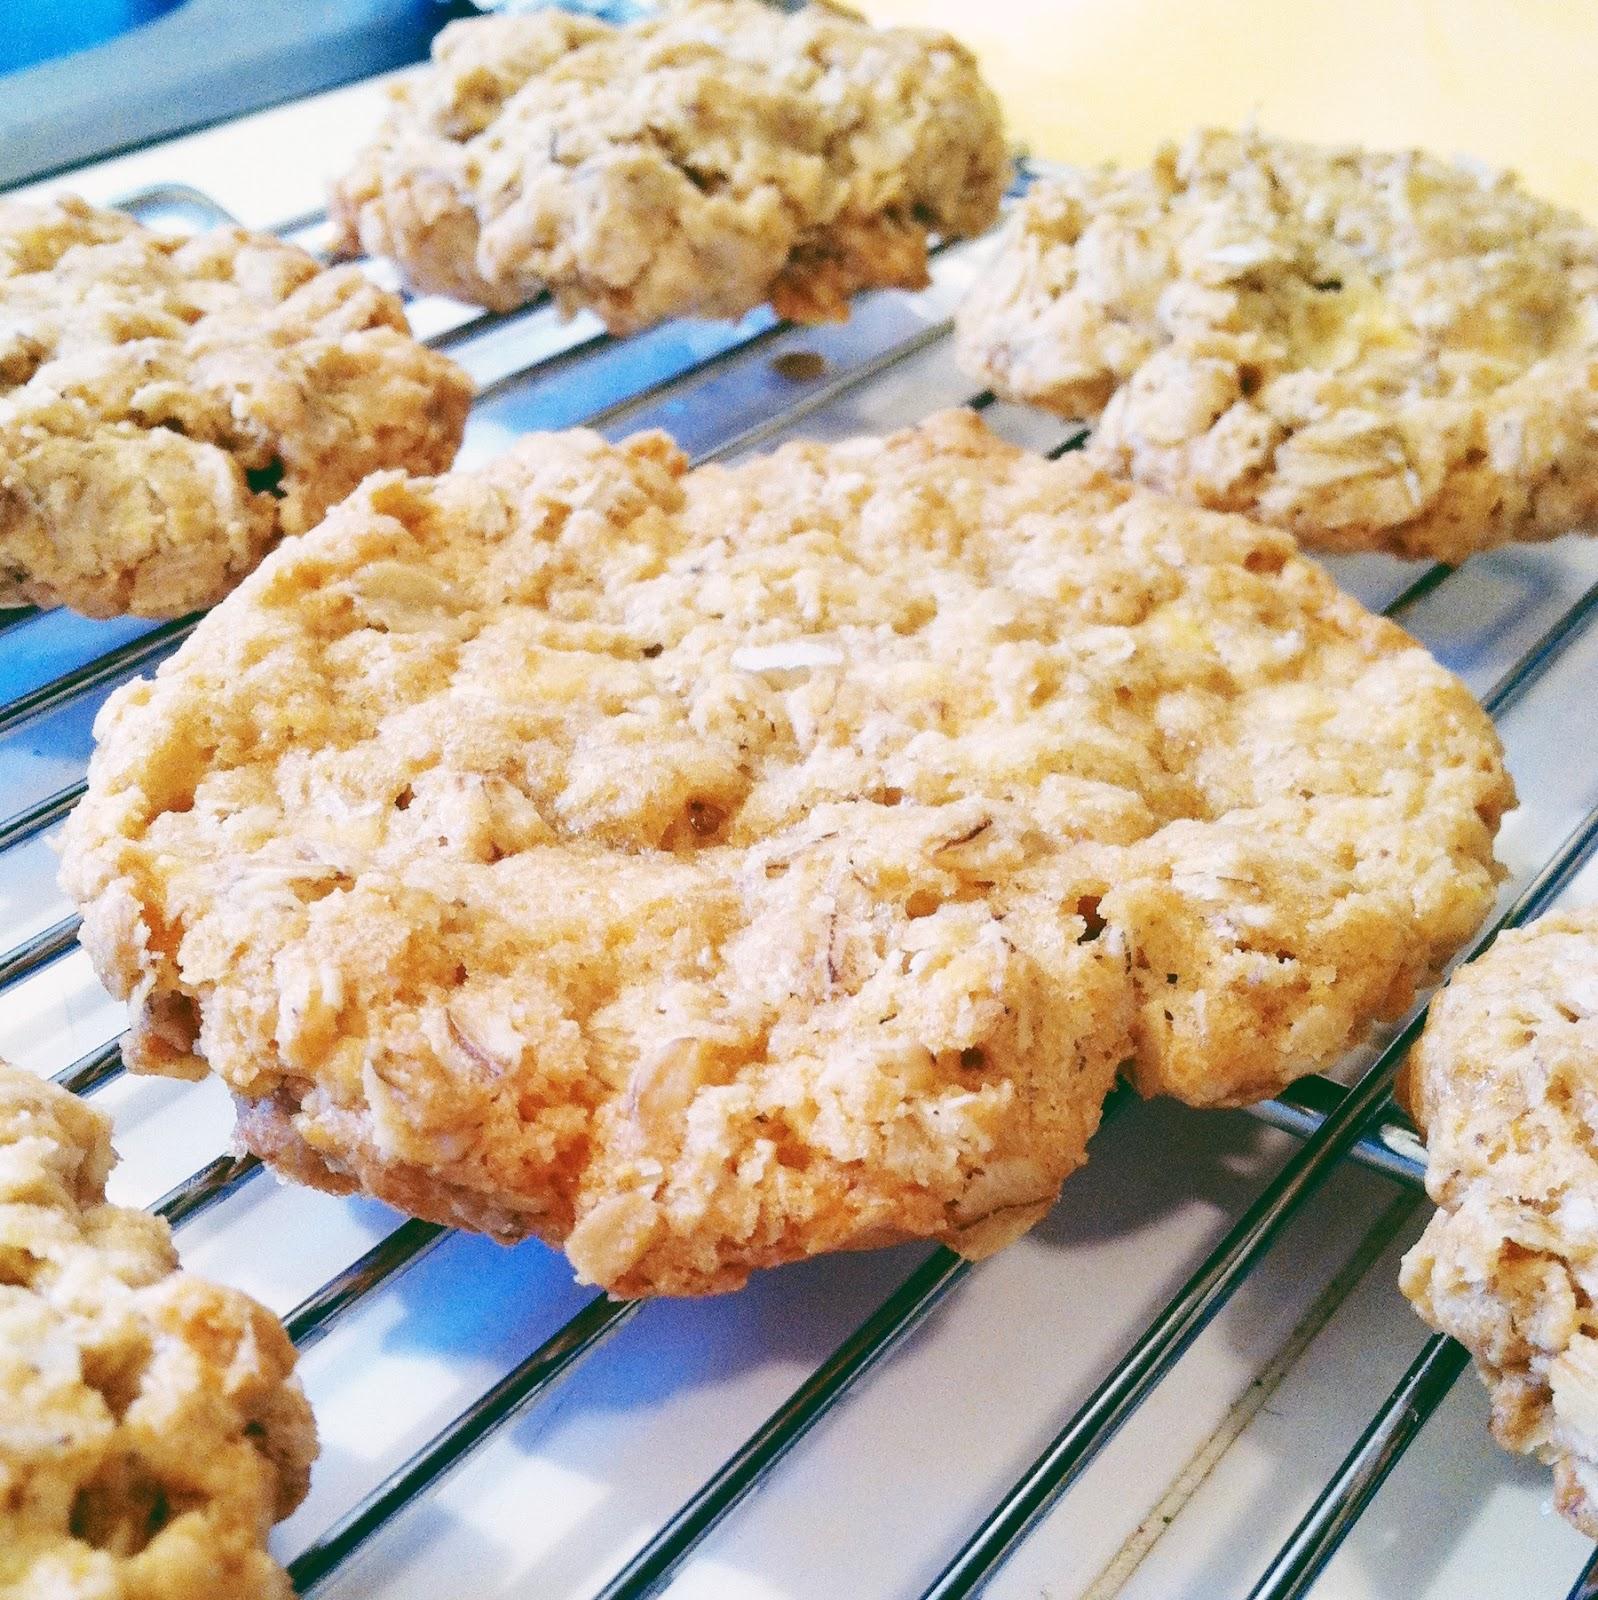 Smitten Kitchen Oatmeal Cookies